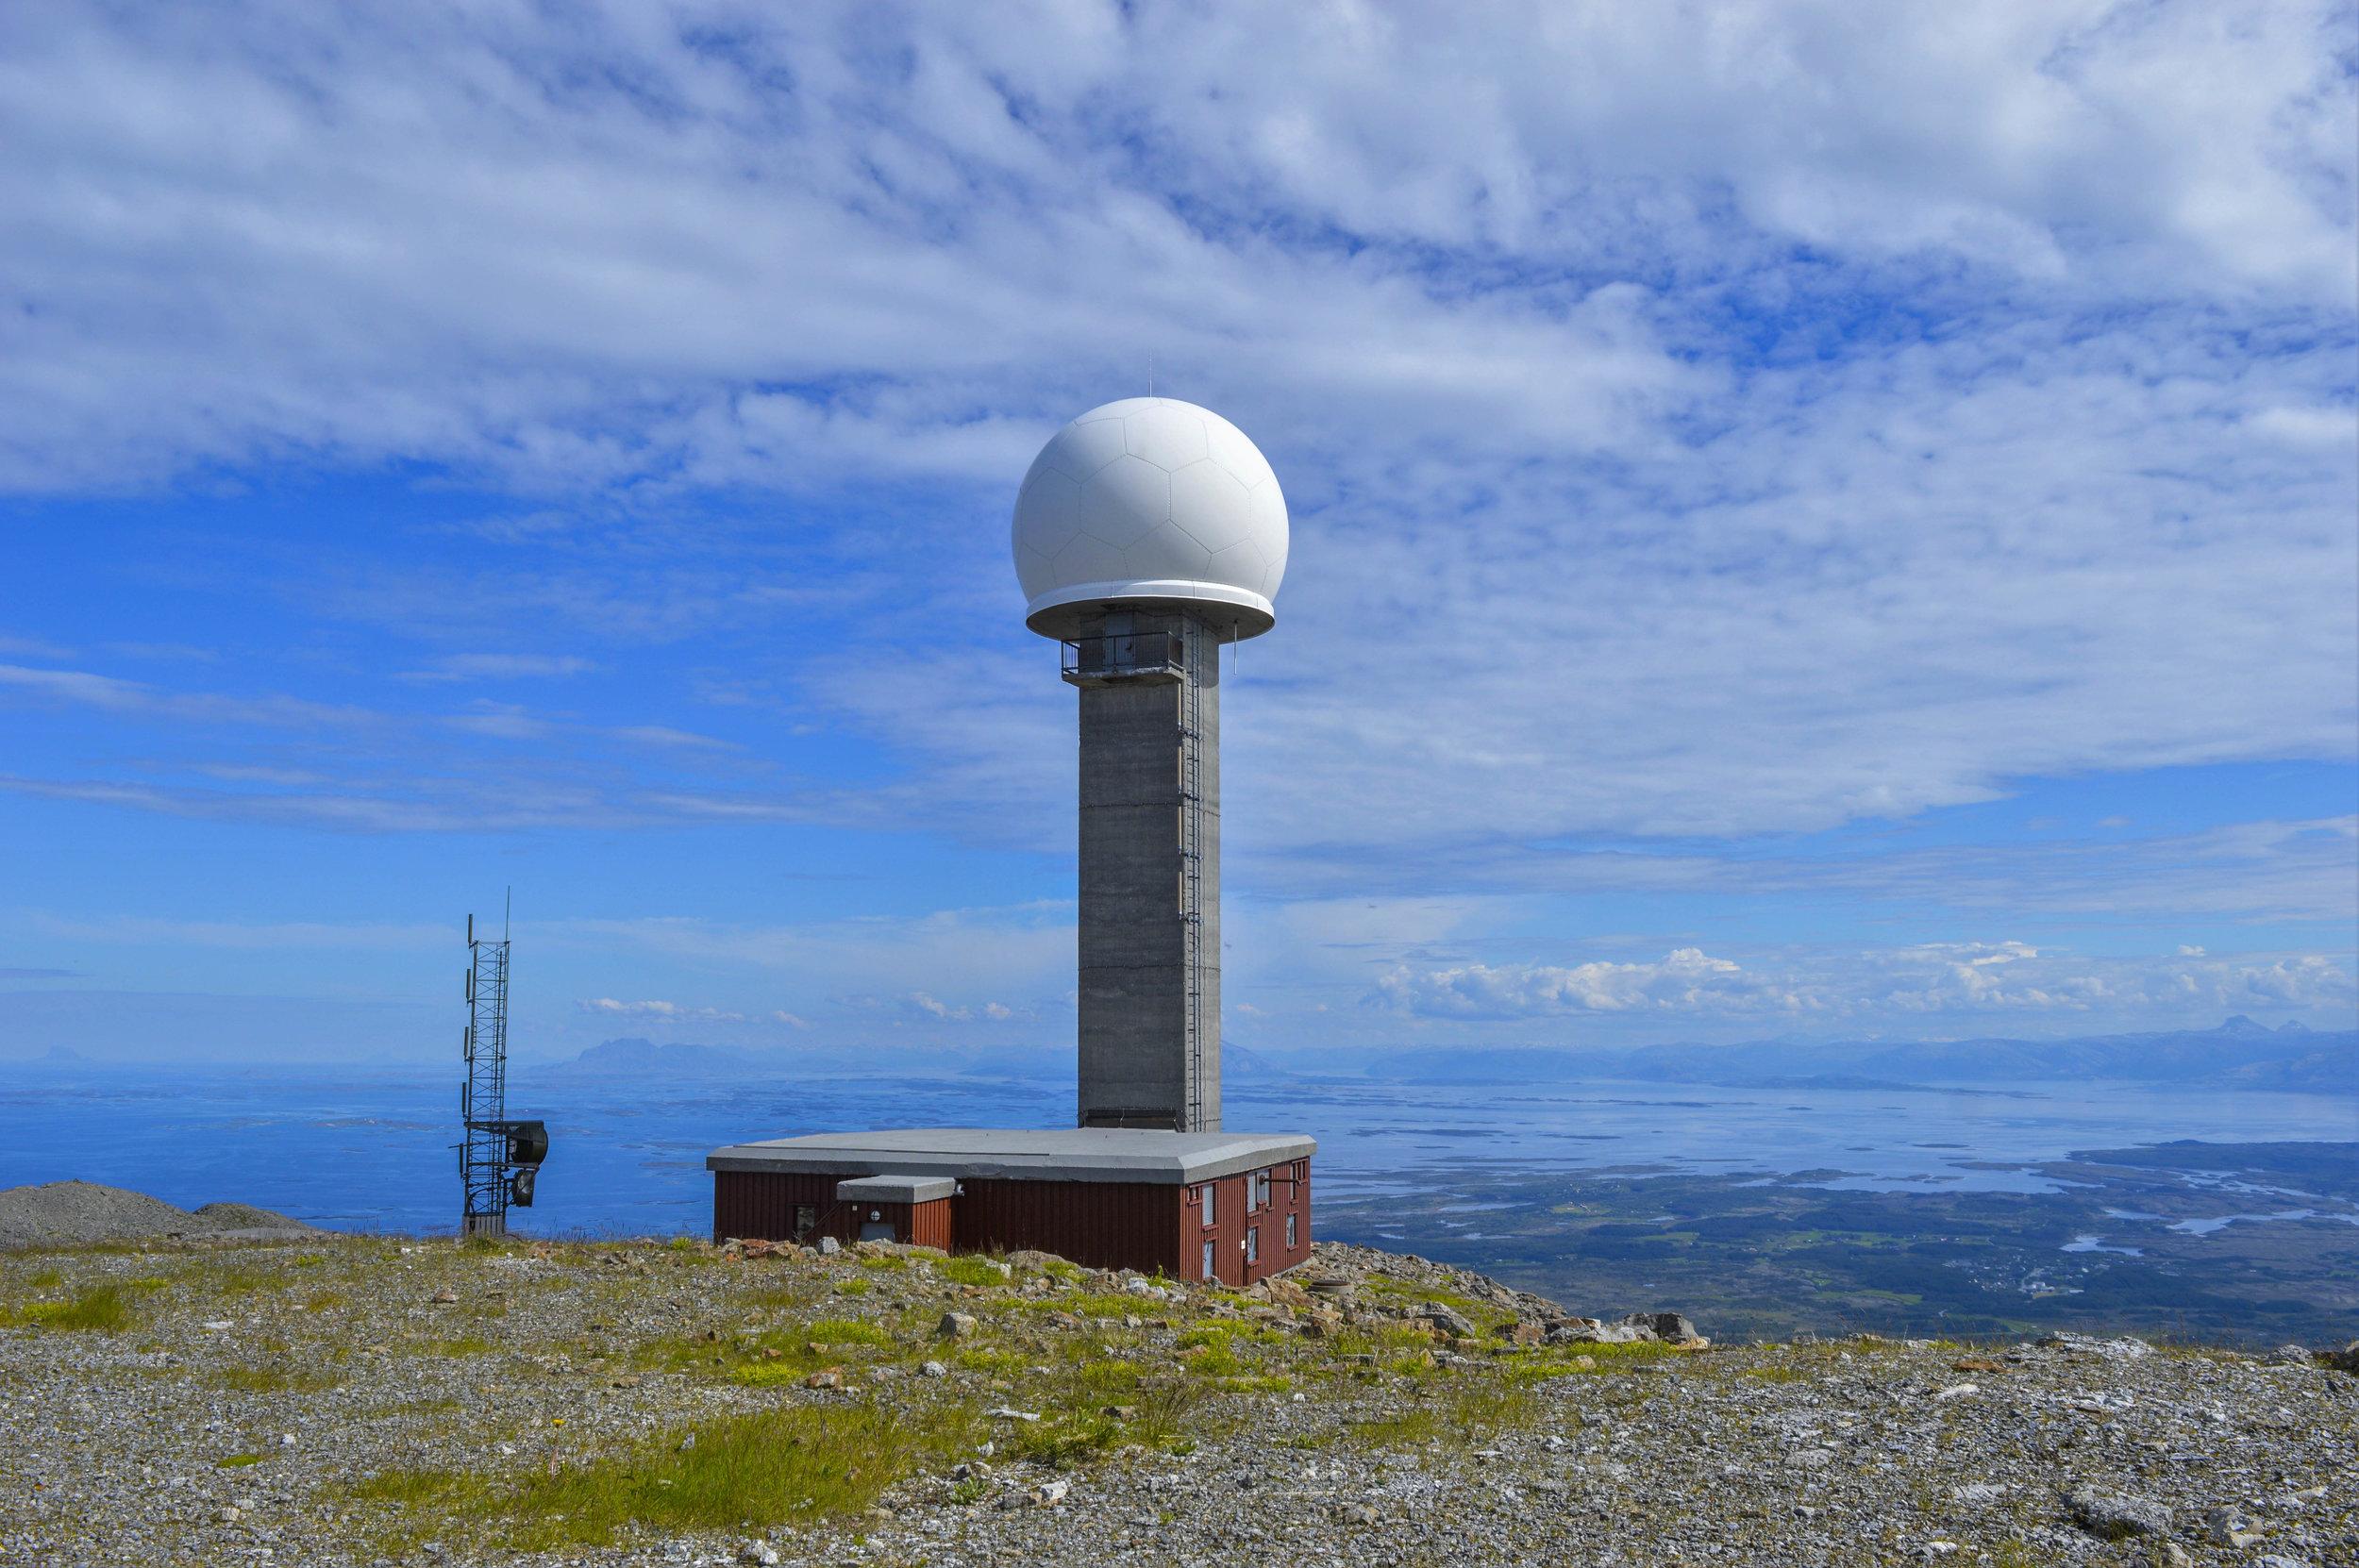 Gullsvågfjellet  (725 moh) Vanskelighetsgrad: Krevende Tid: ca. 3 t. Startsted: Skilt til høyre, like før gondolbanen opp til Gullsvågfjellet. Før toppen av Gullvågfjellet, skilt til hytta Tindbu som er åpen for overnatting. Nøkkel ved hytta.